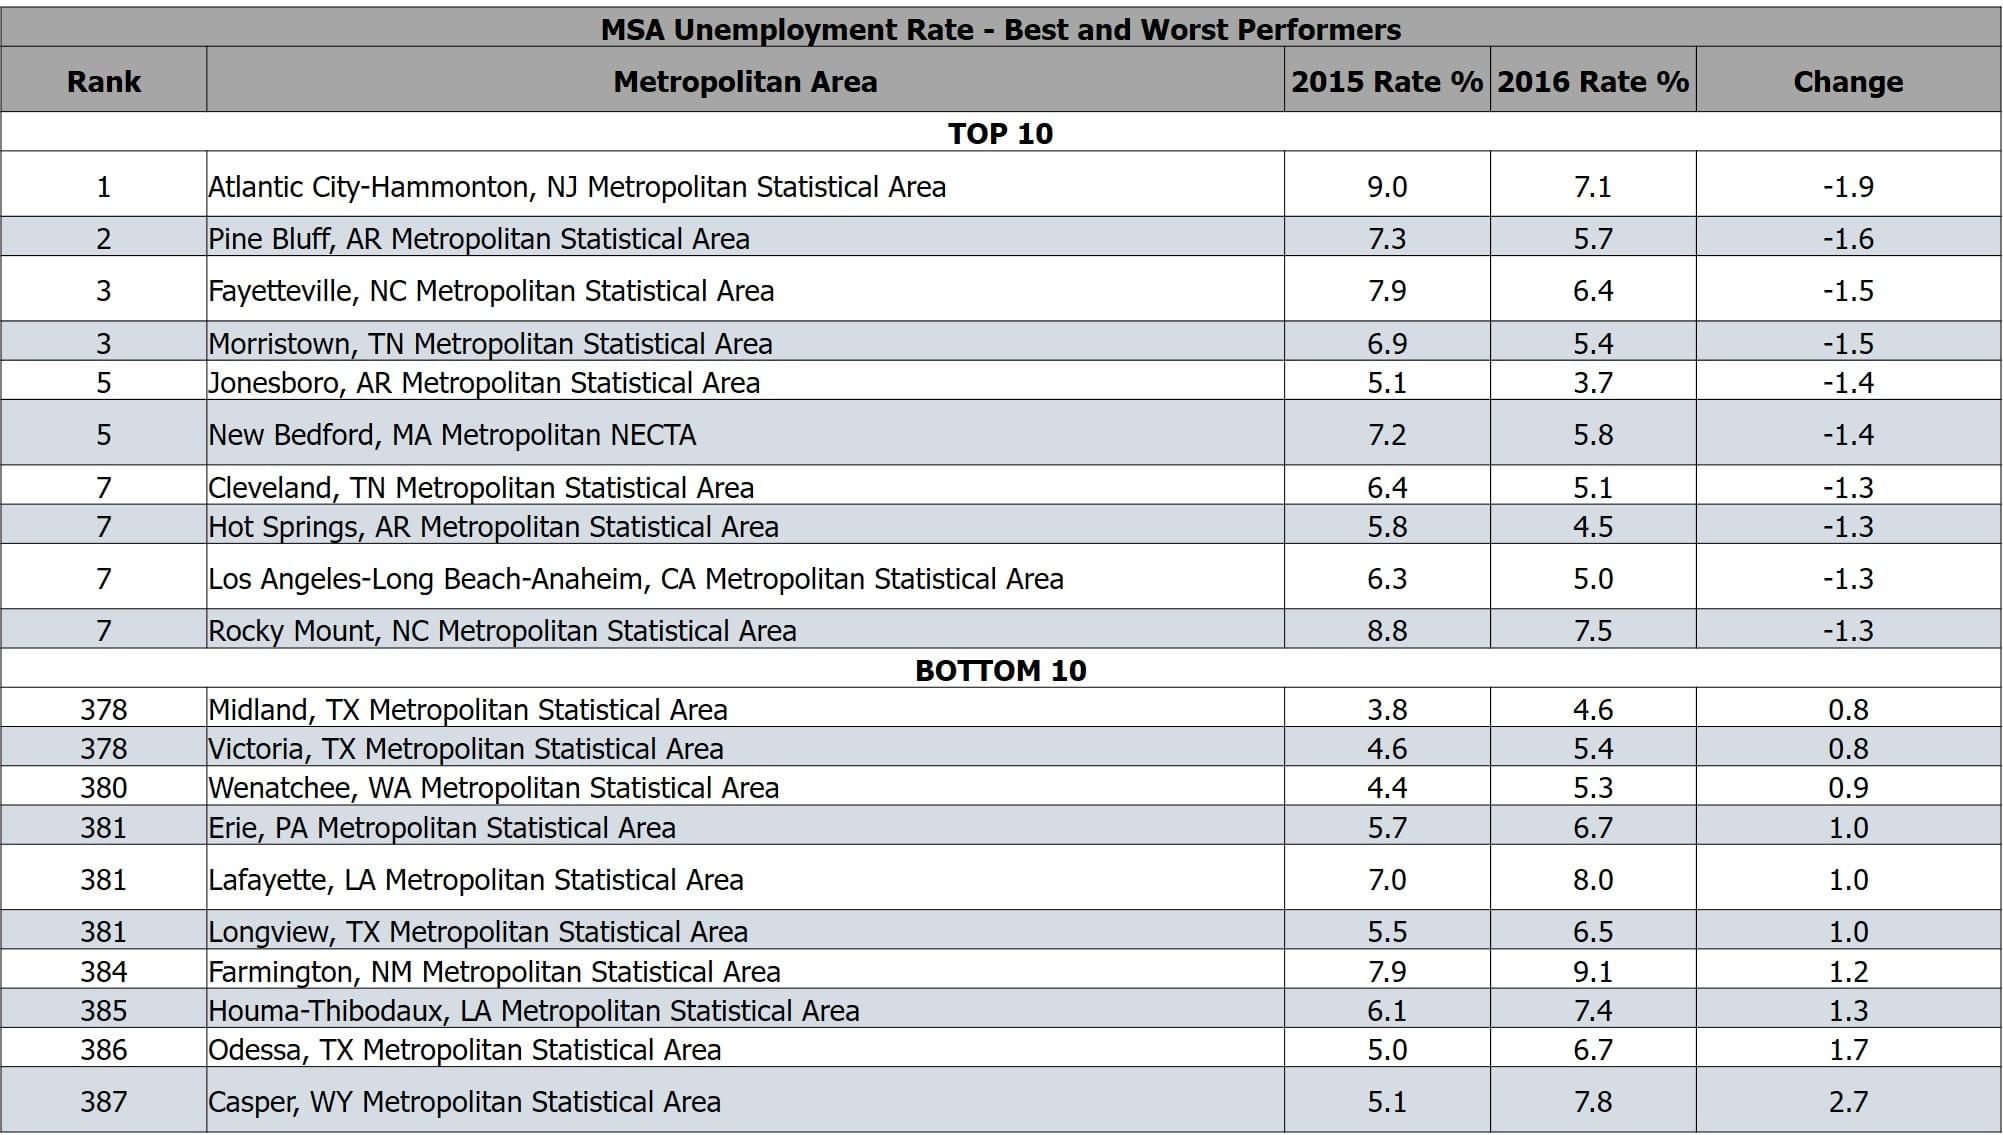 Data Courtesy of the U.S. Bureau of Labor Statistics